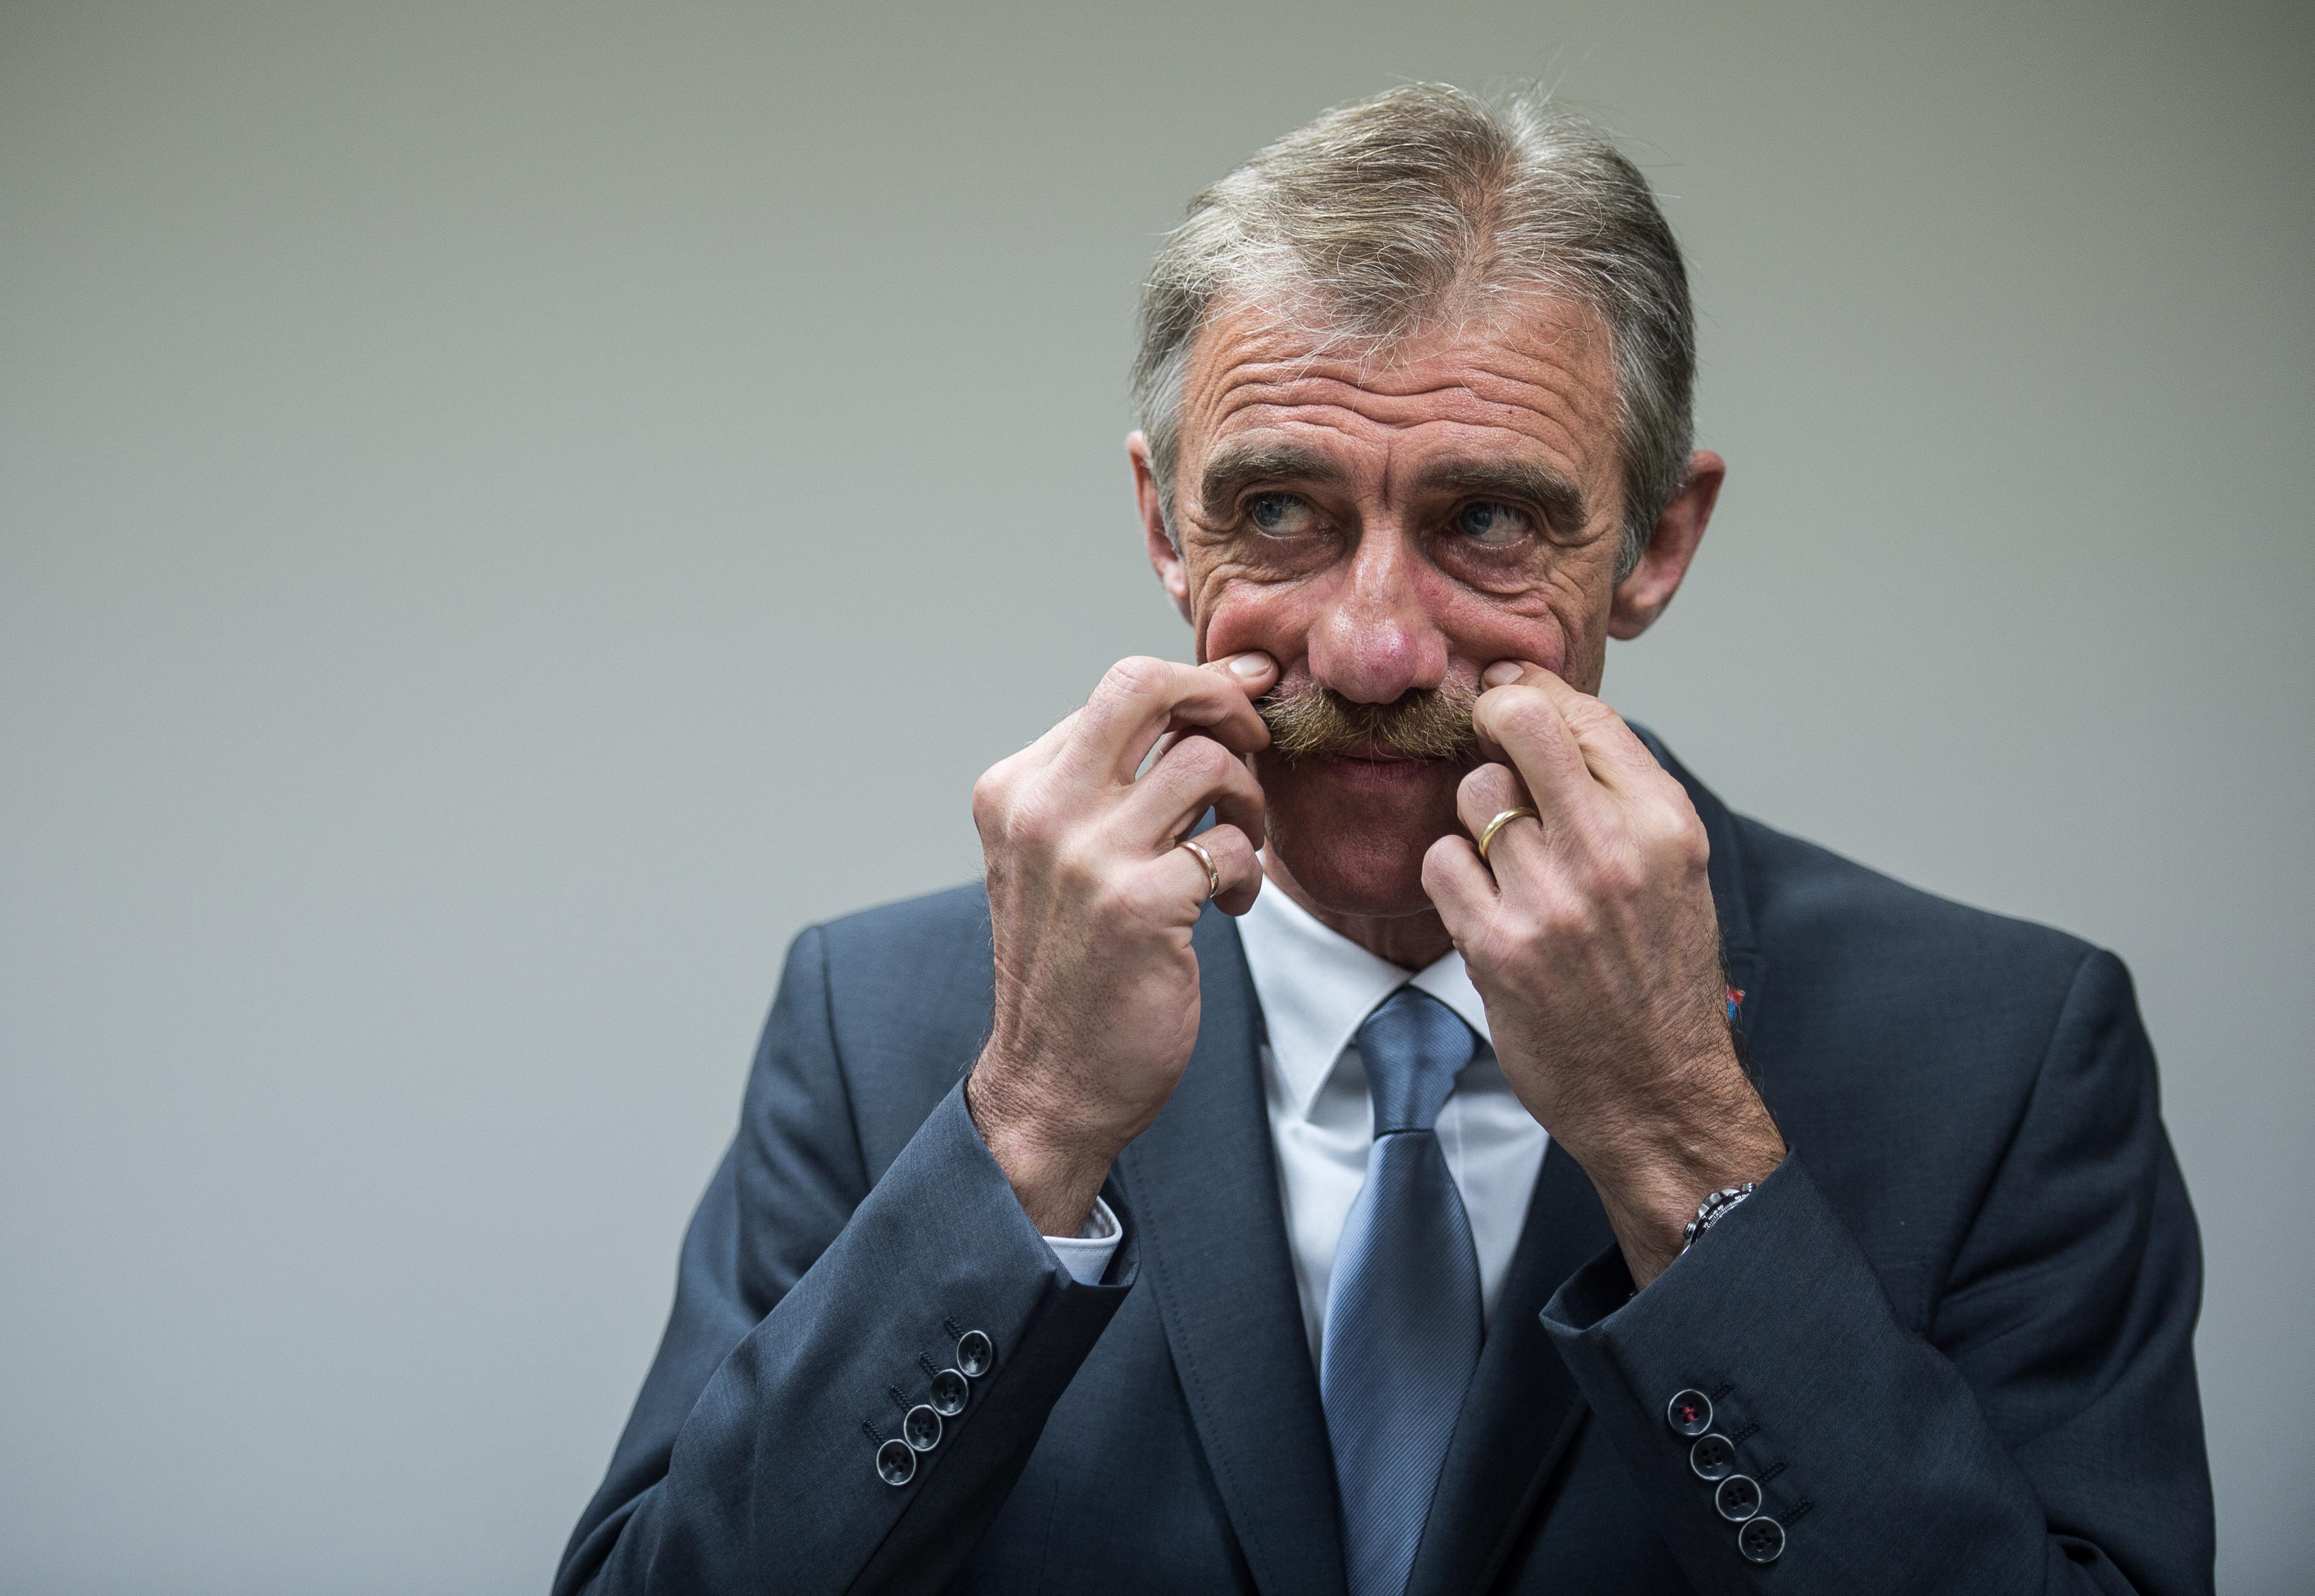 Megvertek egy szélsőjobboldali politikust Németországban